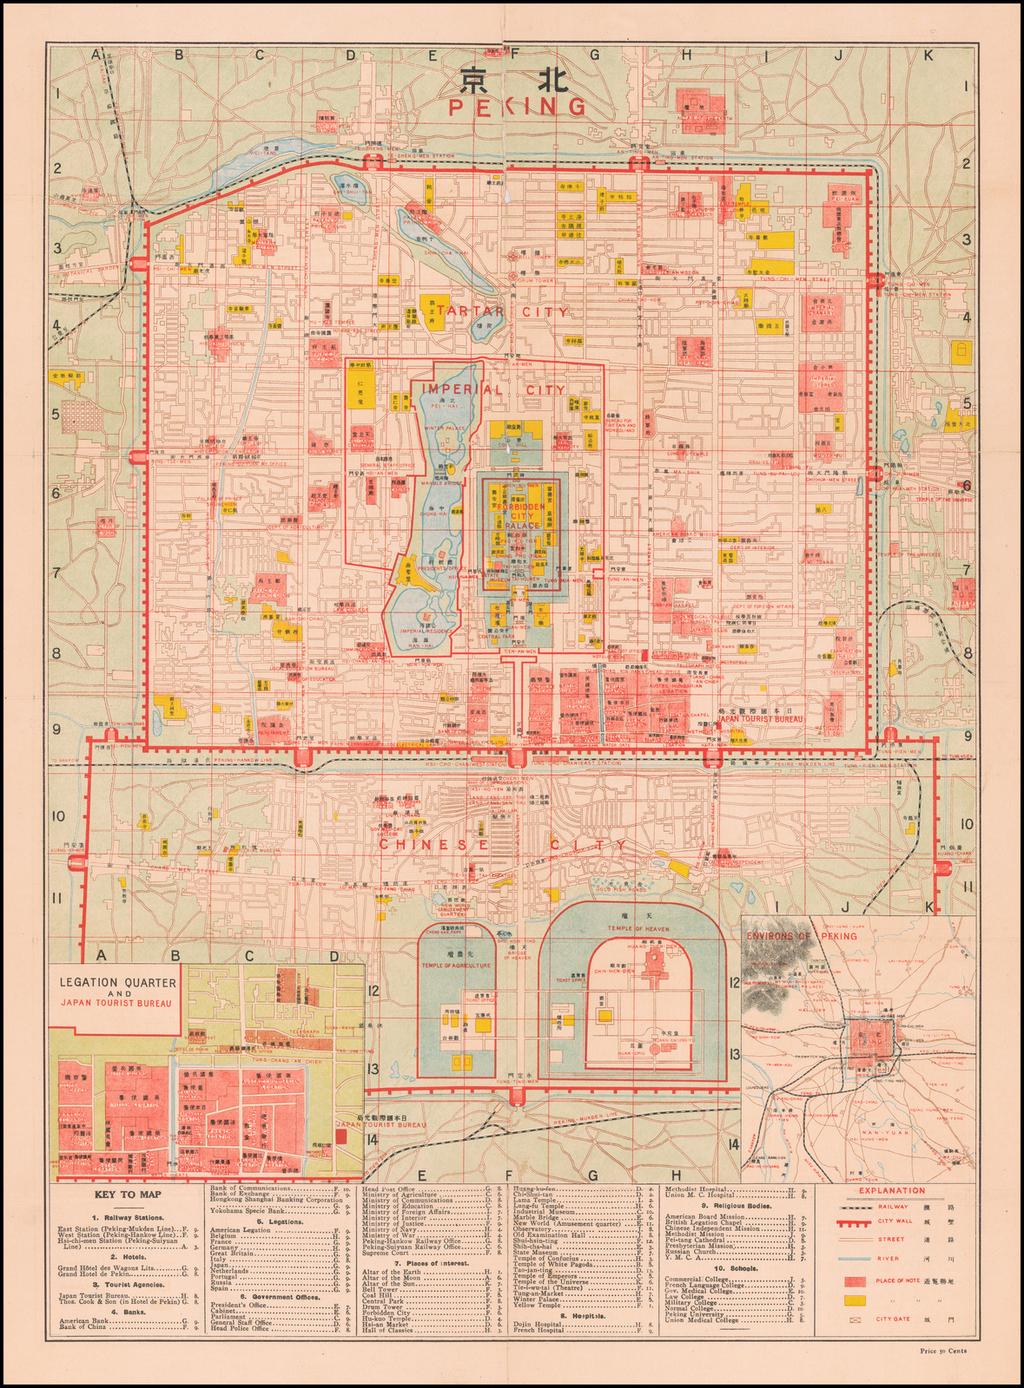 Peking (Map & Guide of Peking) By Japan Tourist Bureau